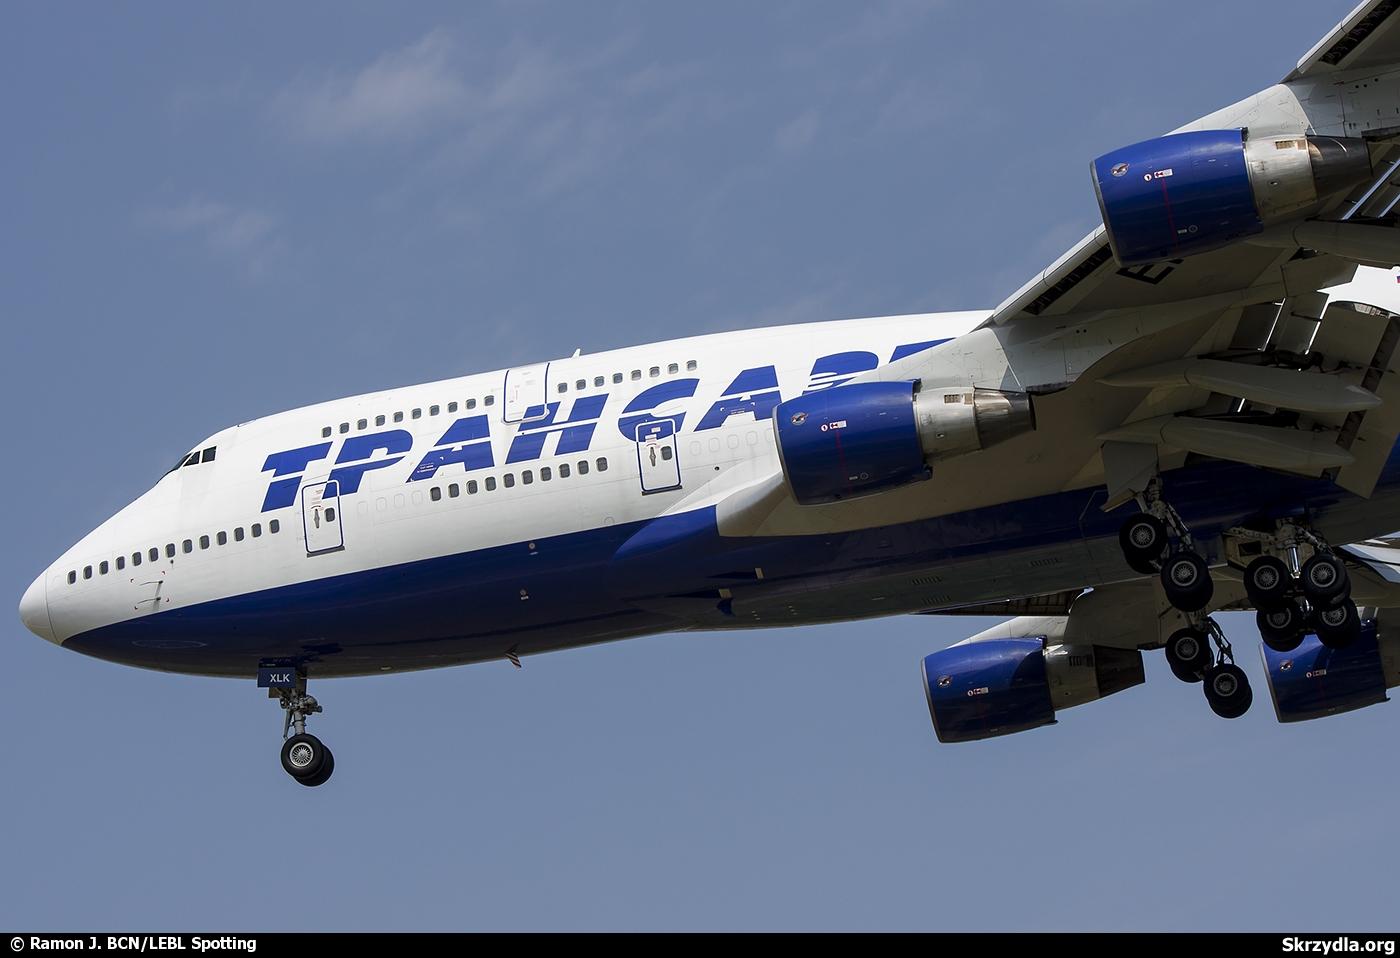 Боинг 747 схема и фото